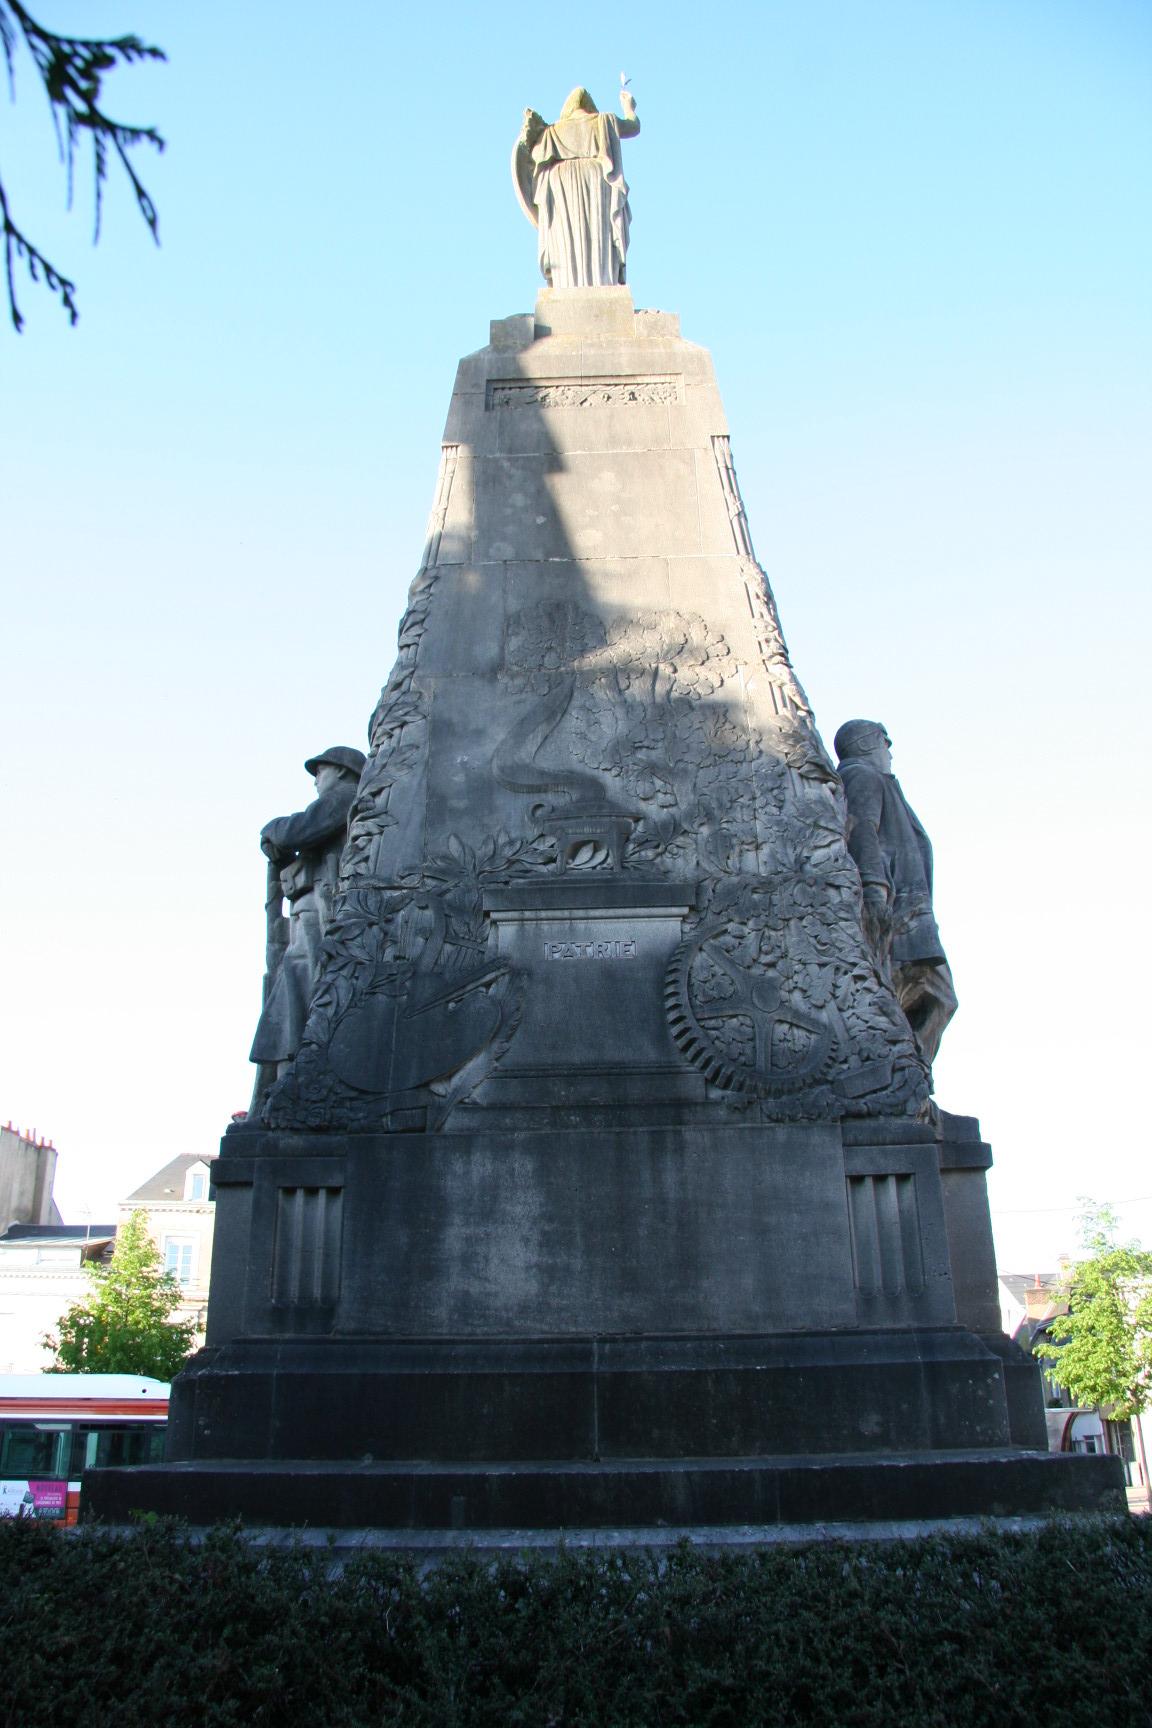 Le Mans en 2010 - Monument commémoratif - Avenue de la Libération - La Sarthe à ses enfants morts pour la France - Vue 03 (Sylvie Leveau)